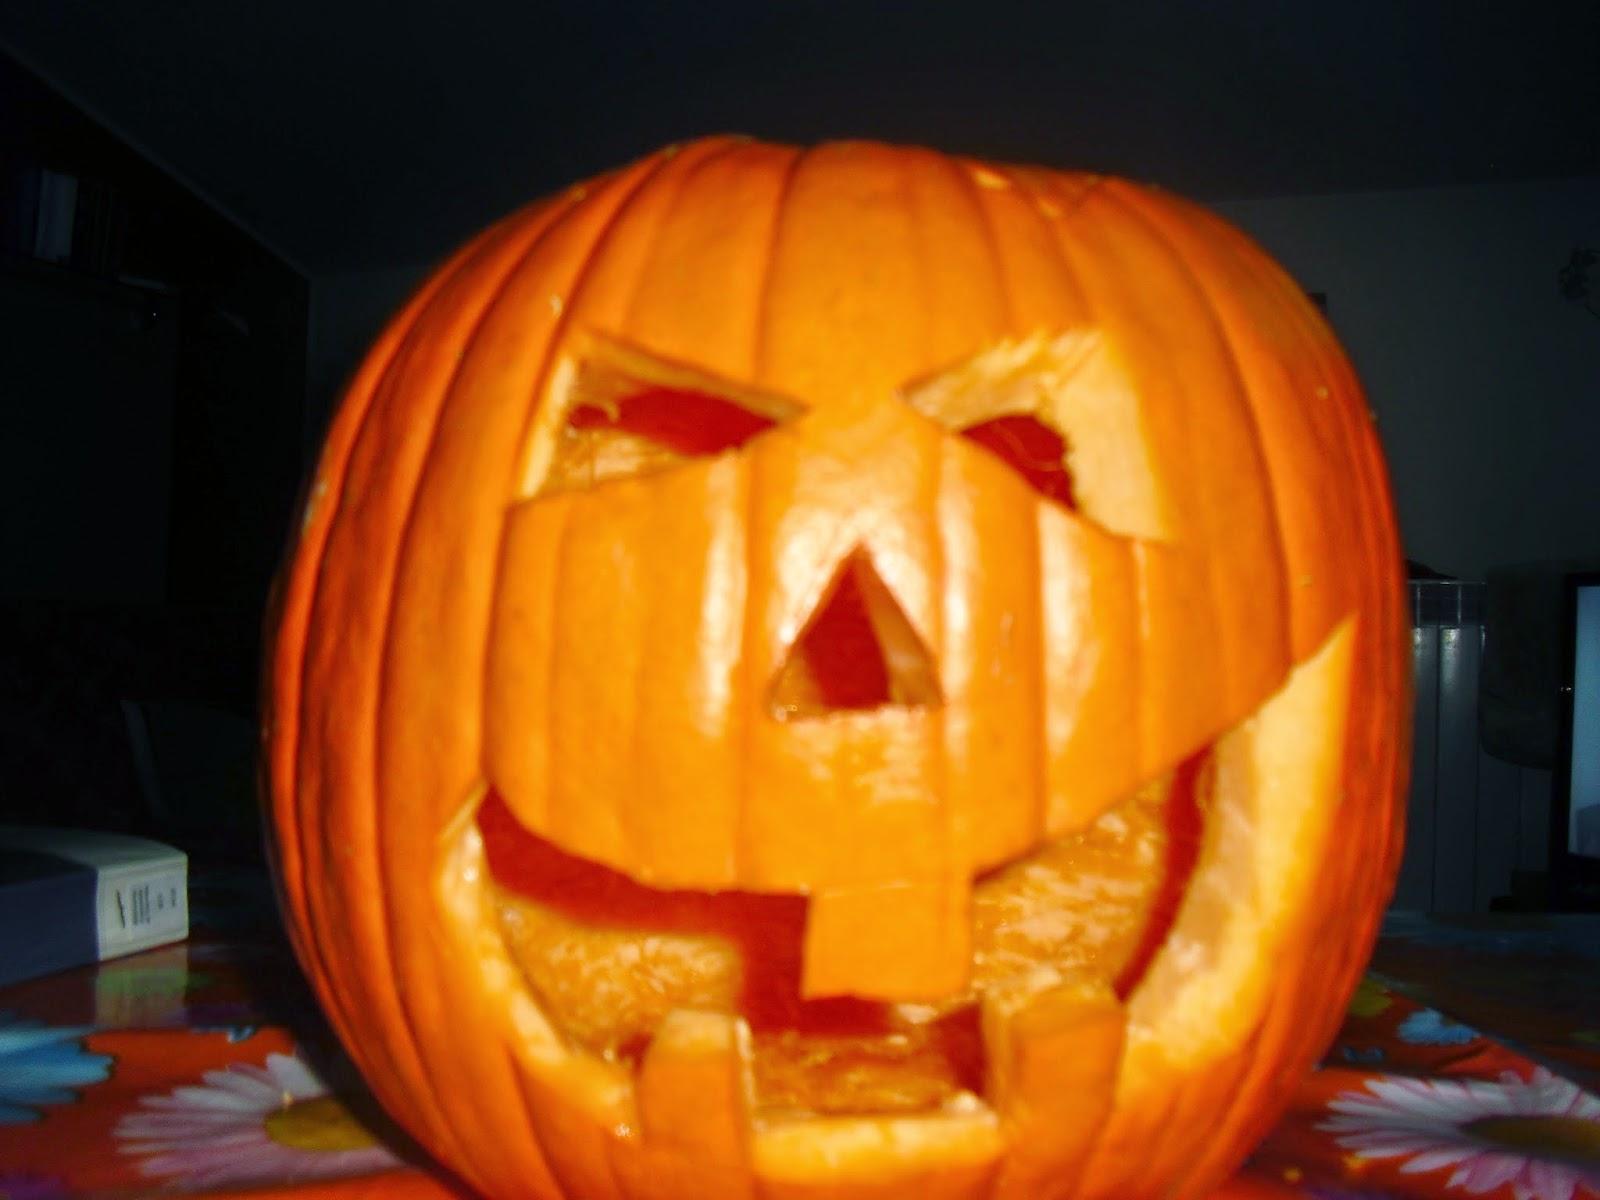 Intagliare Zucca Per Halloween Disegni tra le pagine di un libro,un gatto: come intagliare una